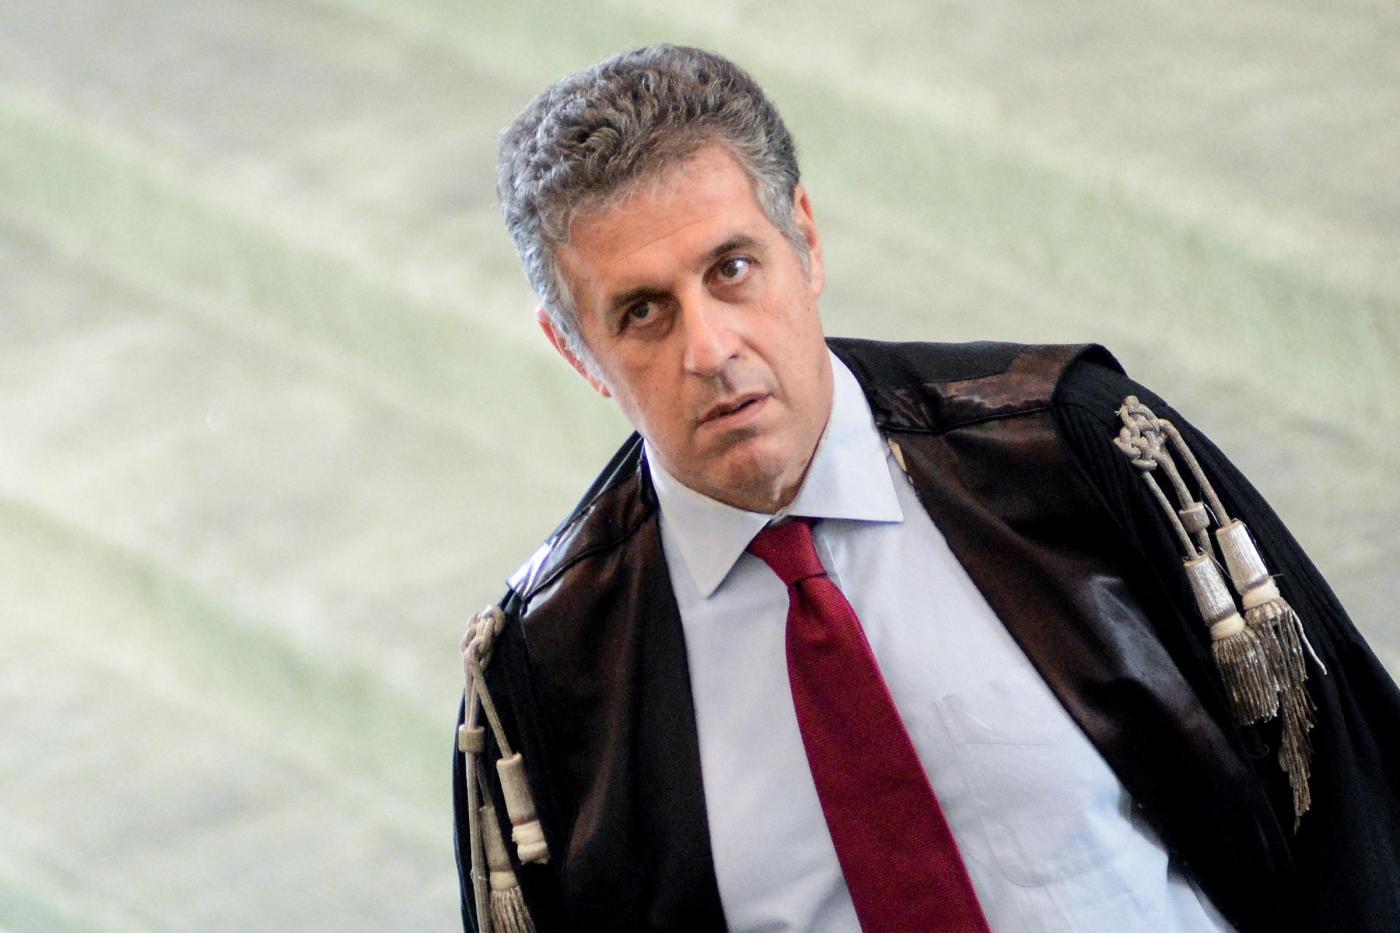 Nino Di Matteo, chi è il giudice che Cosa Nostra vorrebbe uccidere